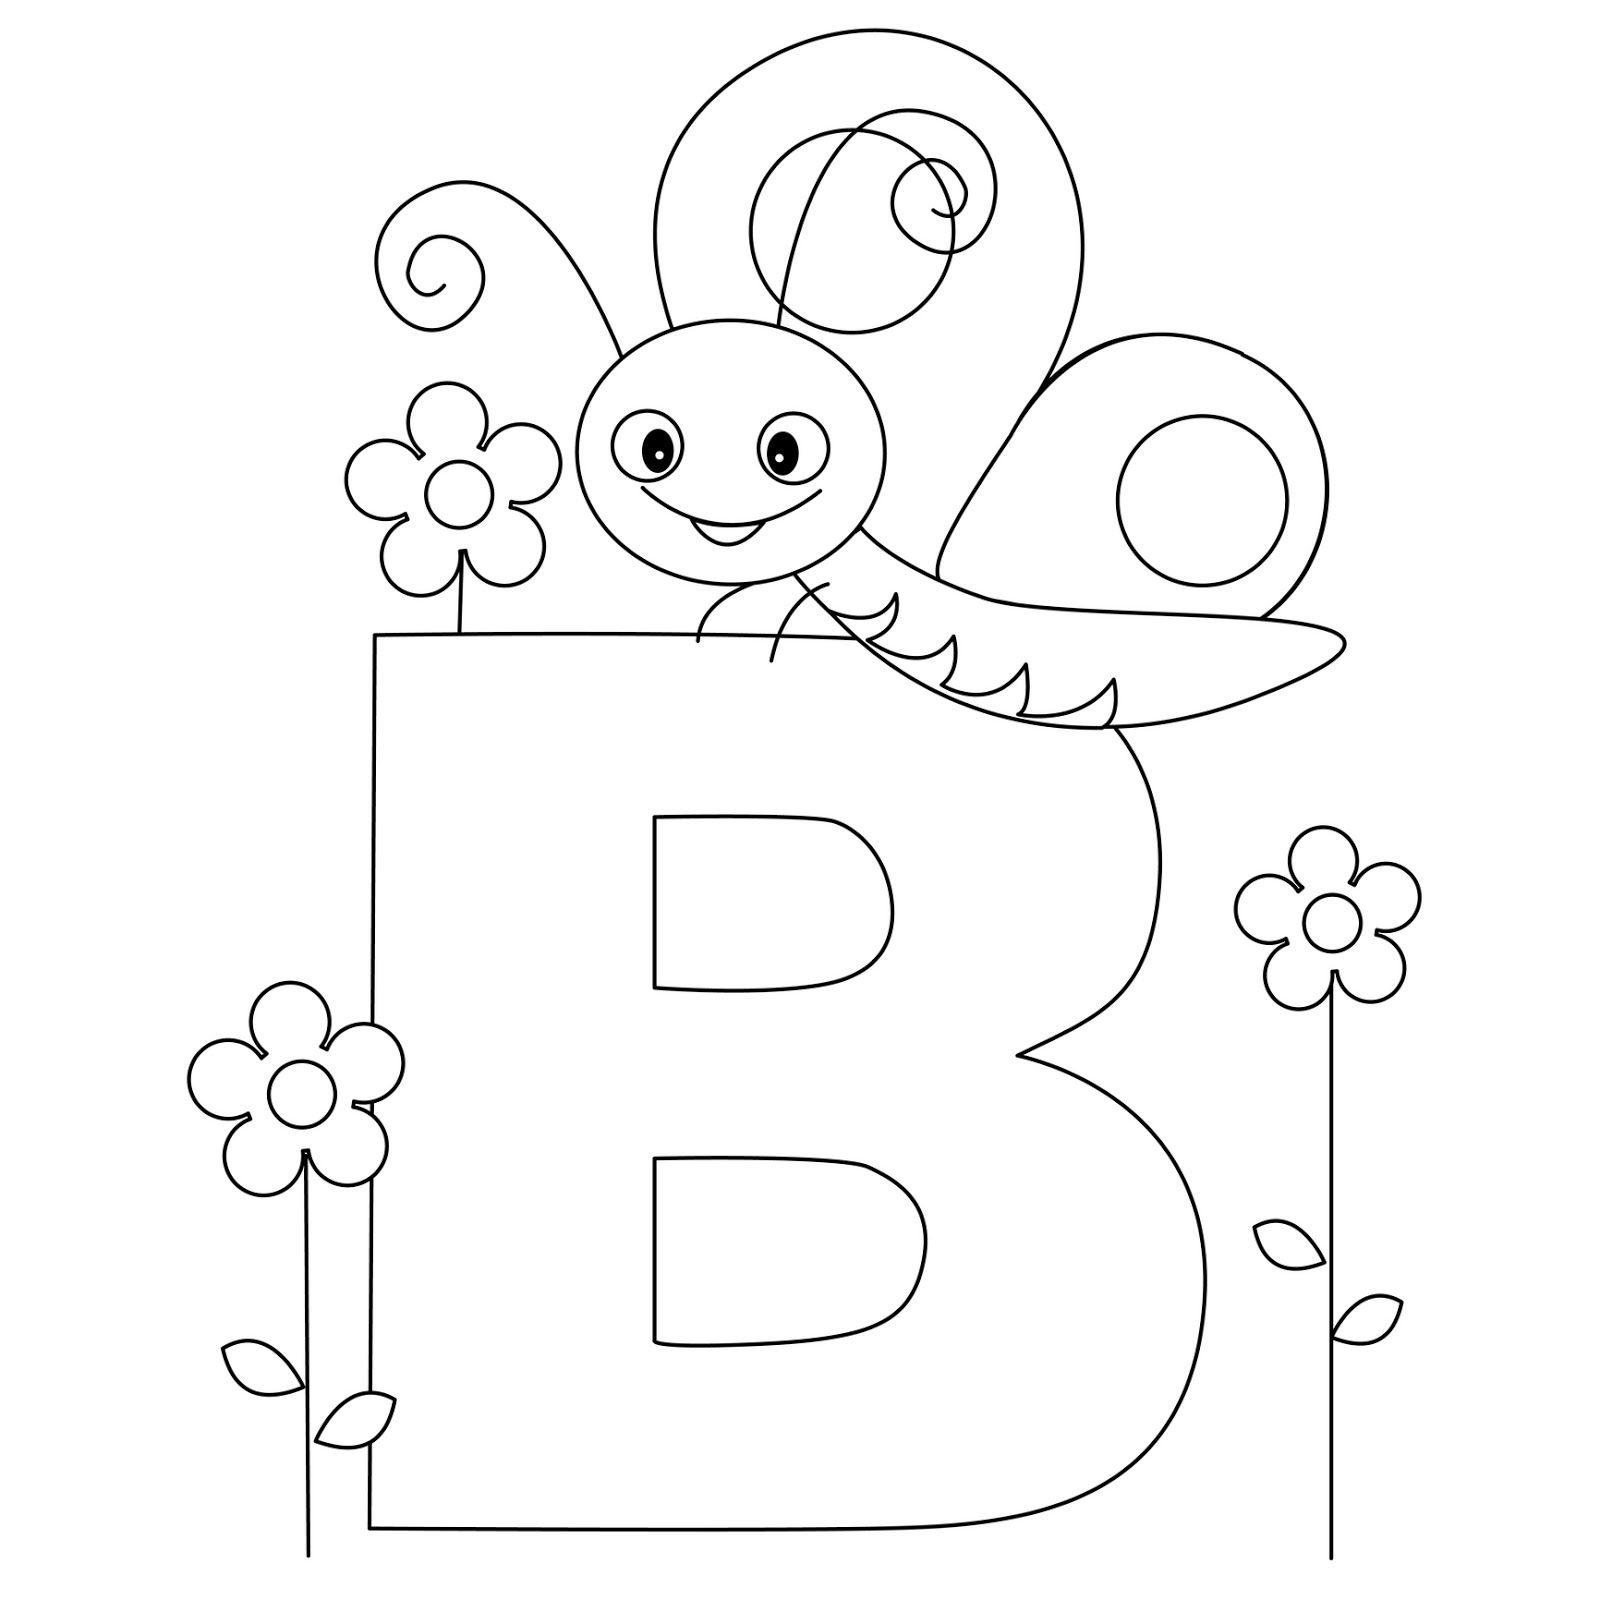 Alfabeto Animais Zoologico Para Colorir Em Ingles Letras Do